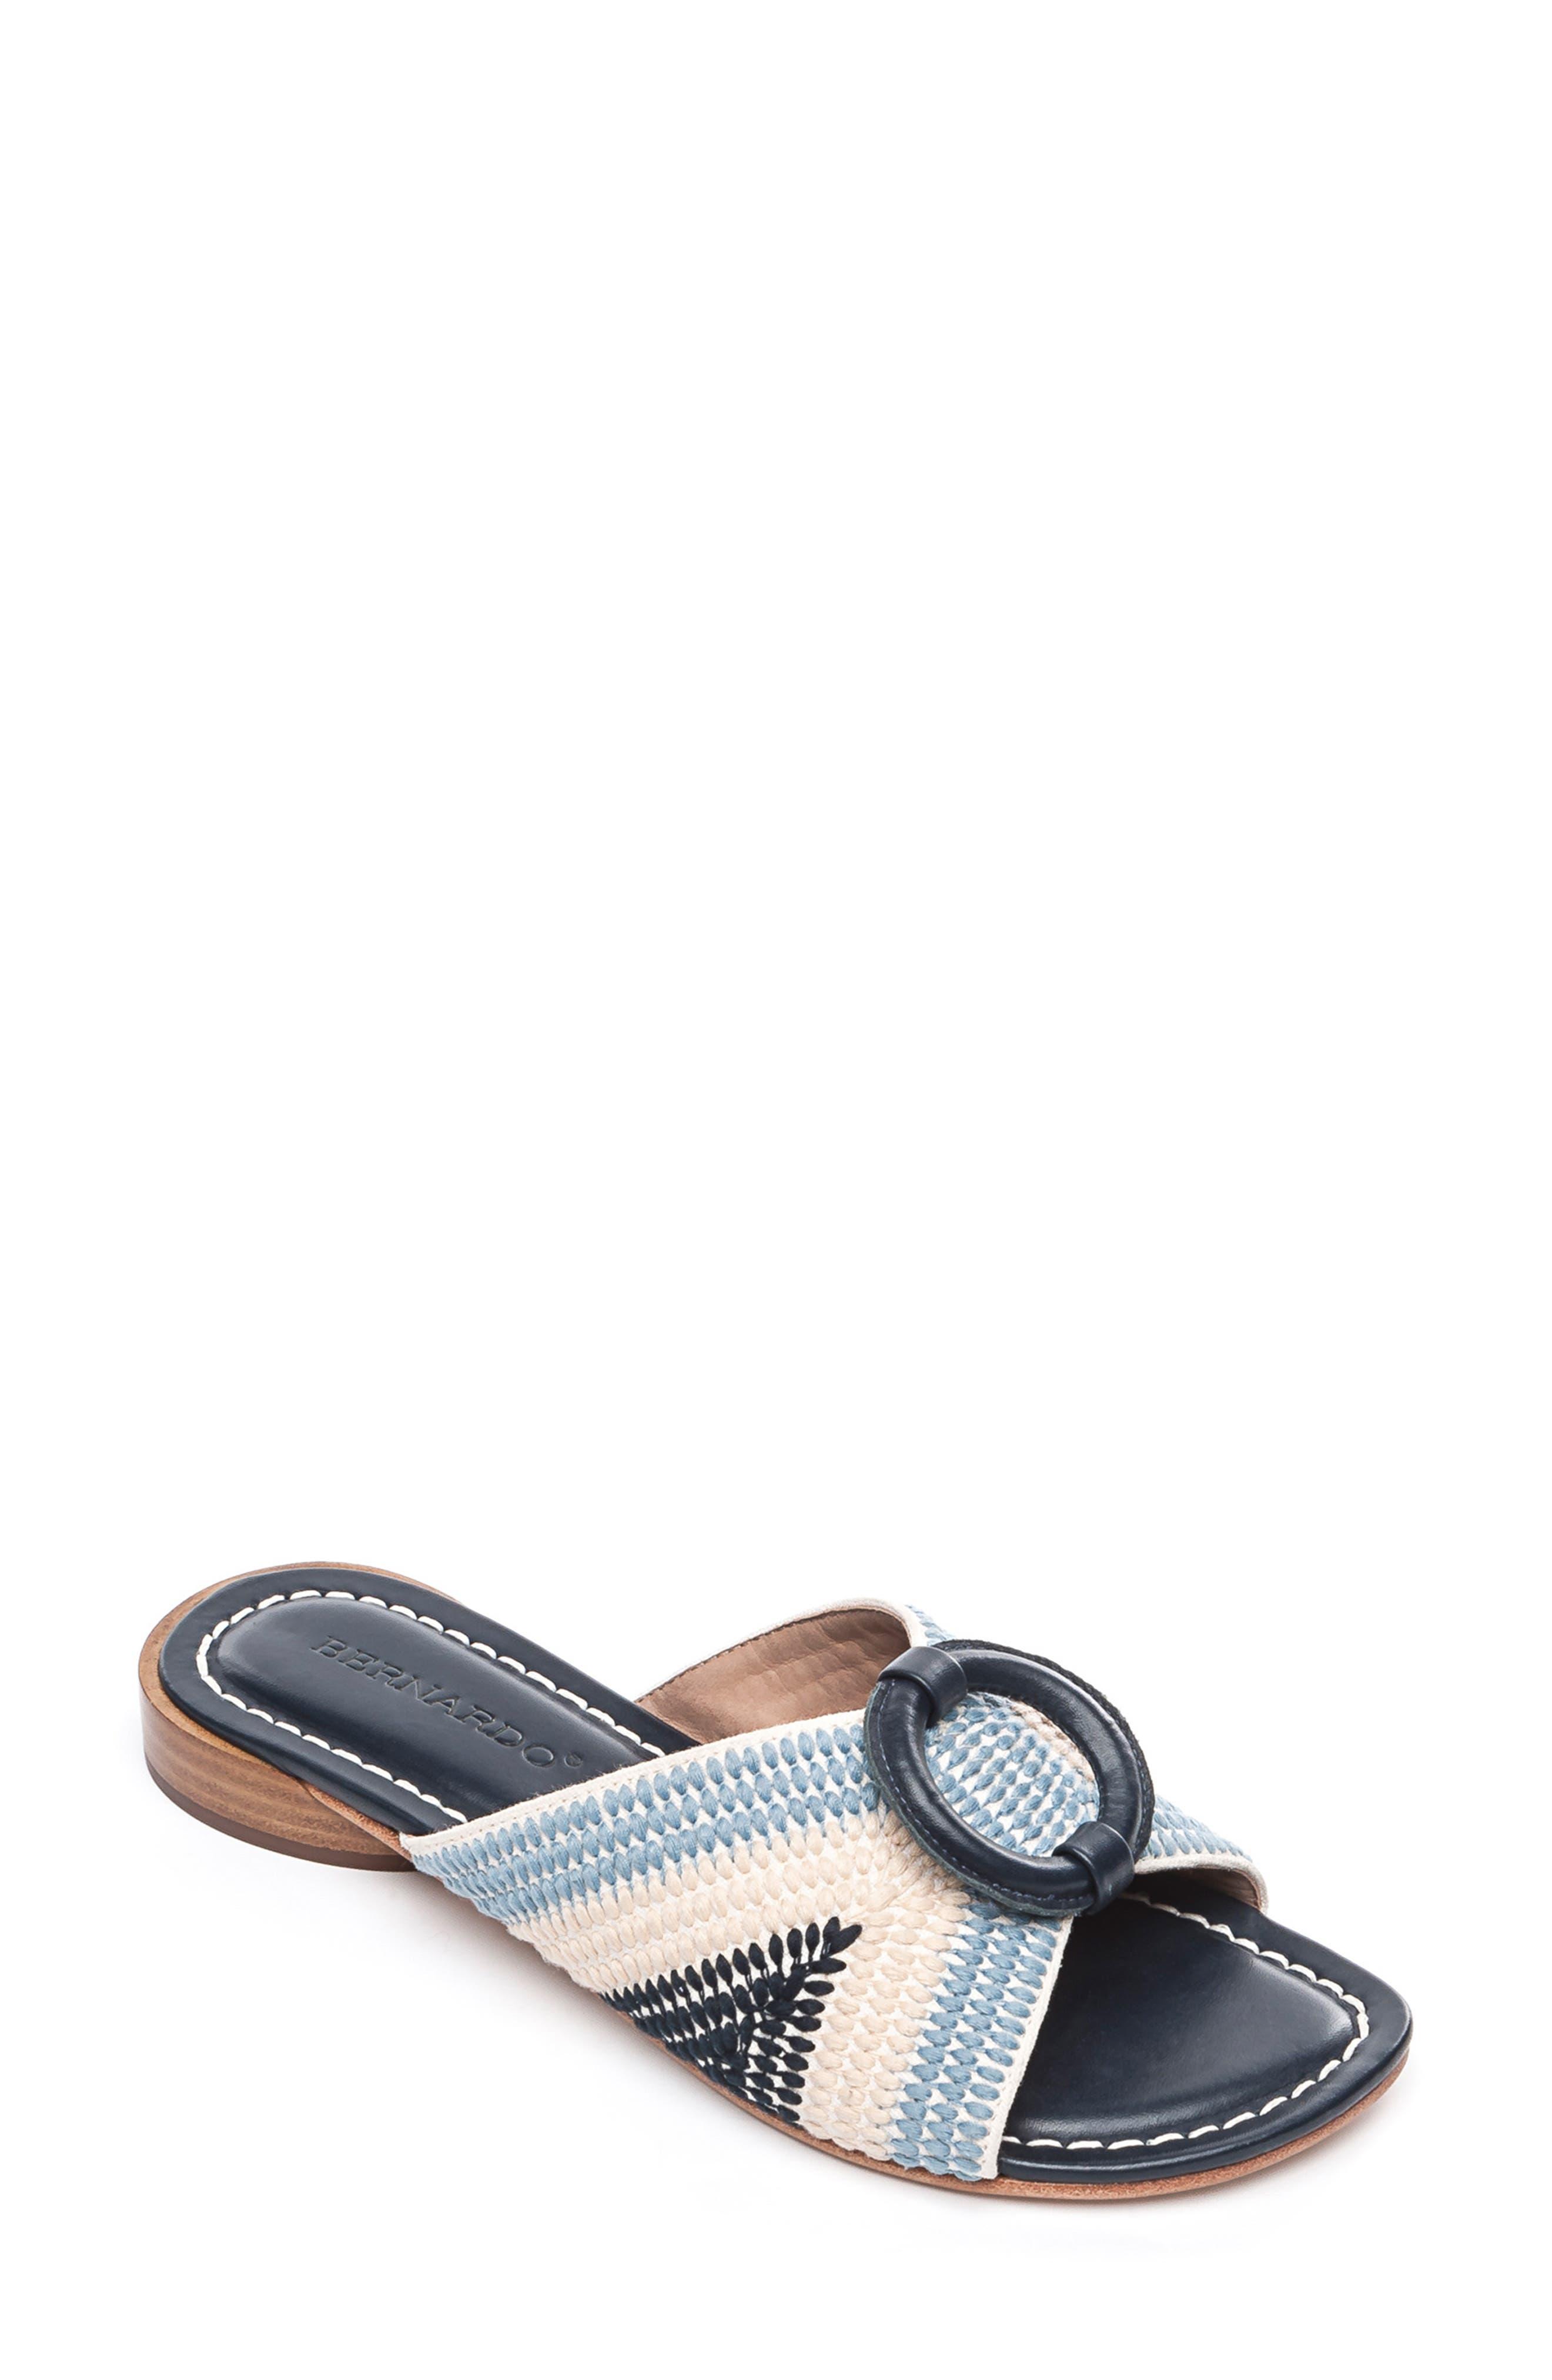 Bernardo Footwear Tay Slide Sandal, Blue